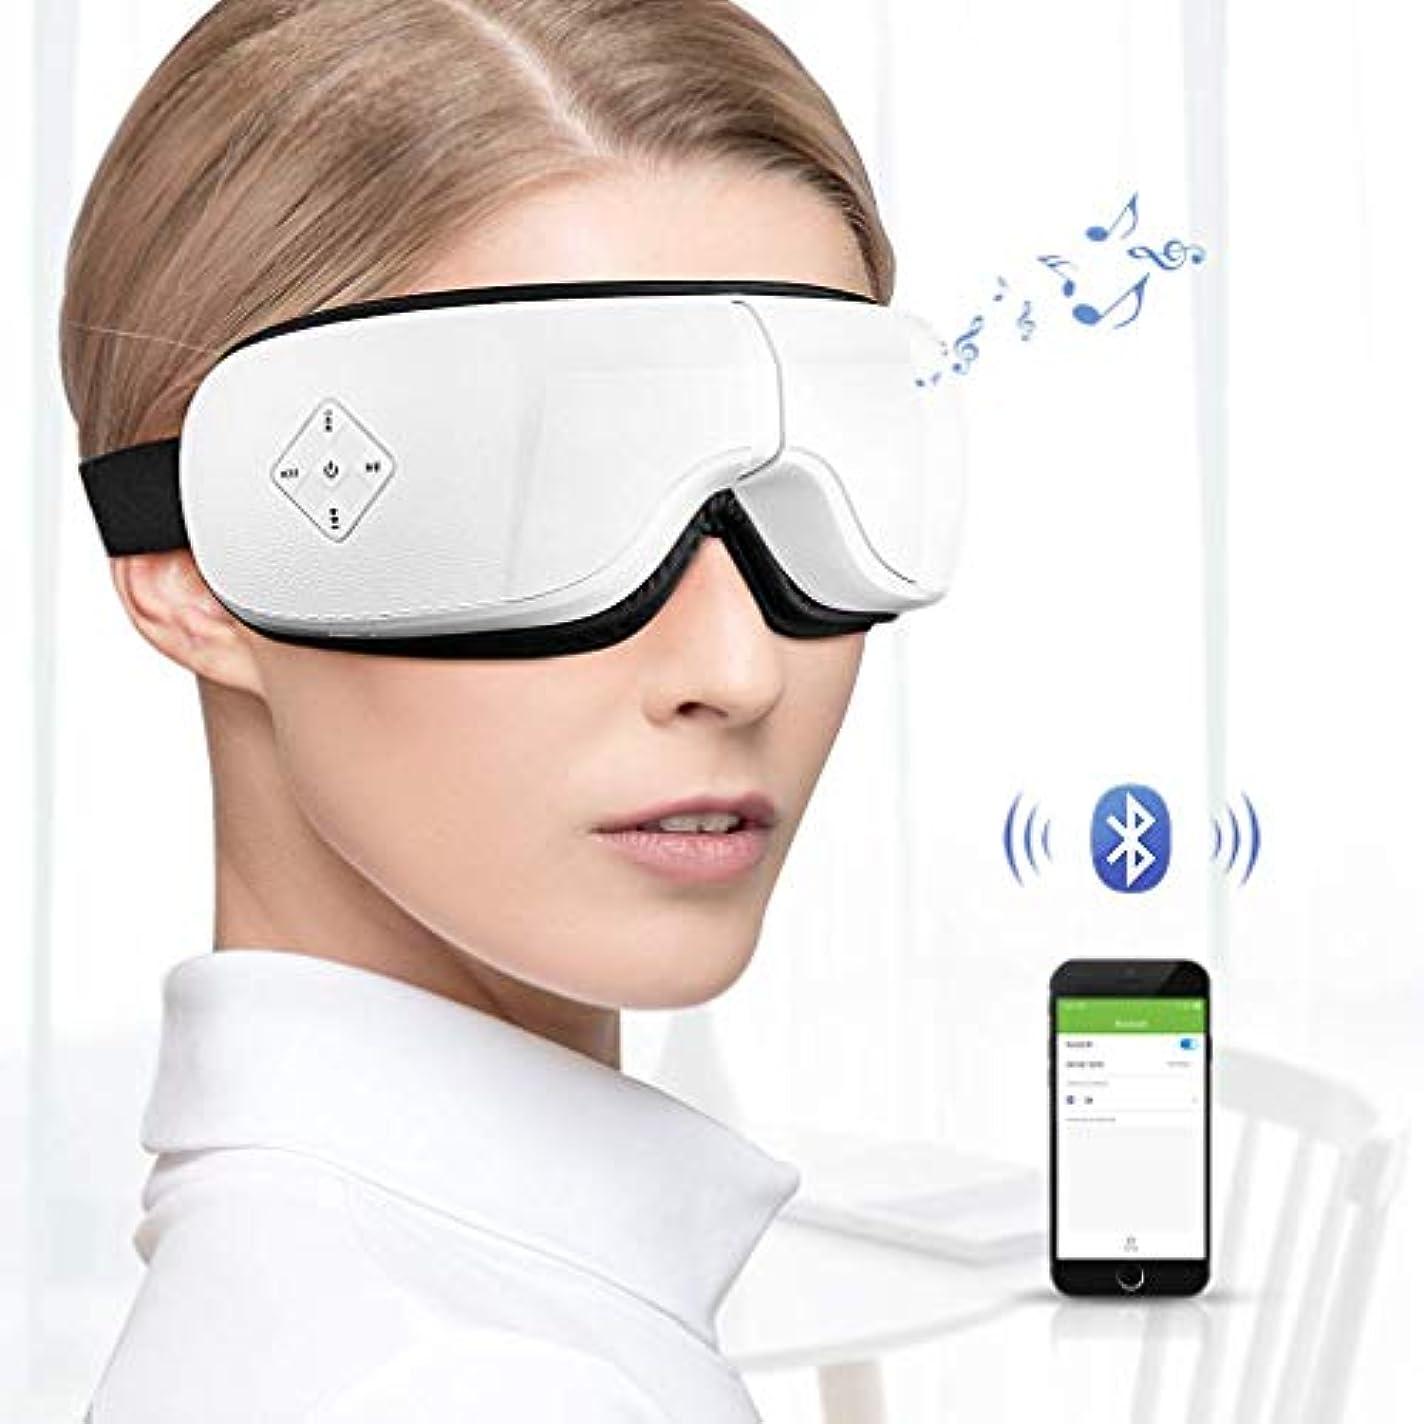 あたたかい鰐合計電動アイケアマッサージ器の振動は熱圧でスマートな指圧を軽減します空気圧振動目のストレス解消のための音楽